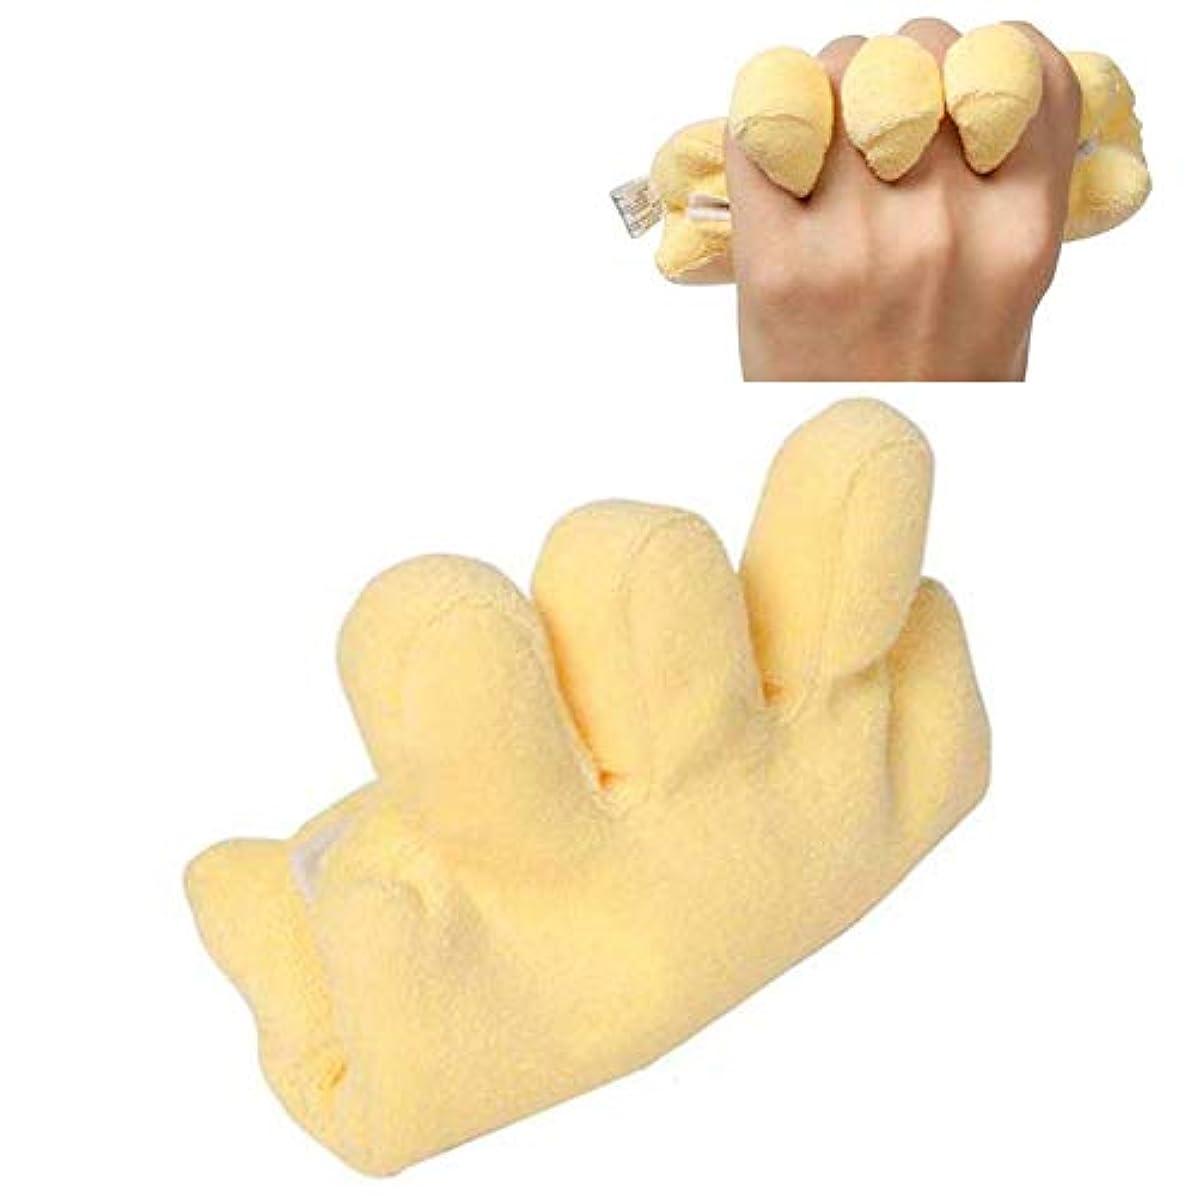 上に団結差し引く手拘縮装具予防クッション、患者高齢者用の指セパレーター付きパームプロテクター,1PC